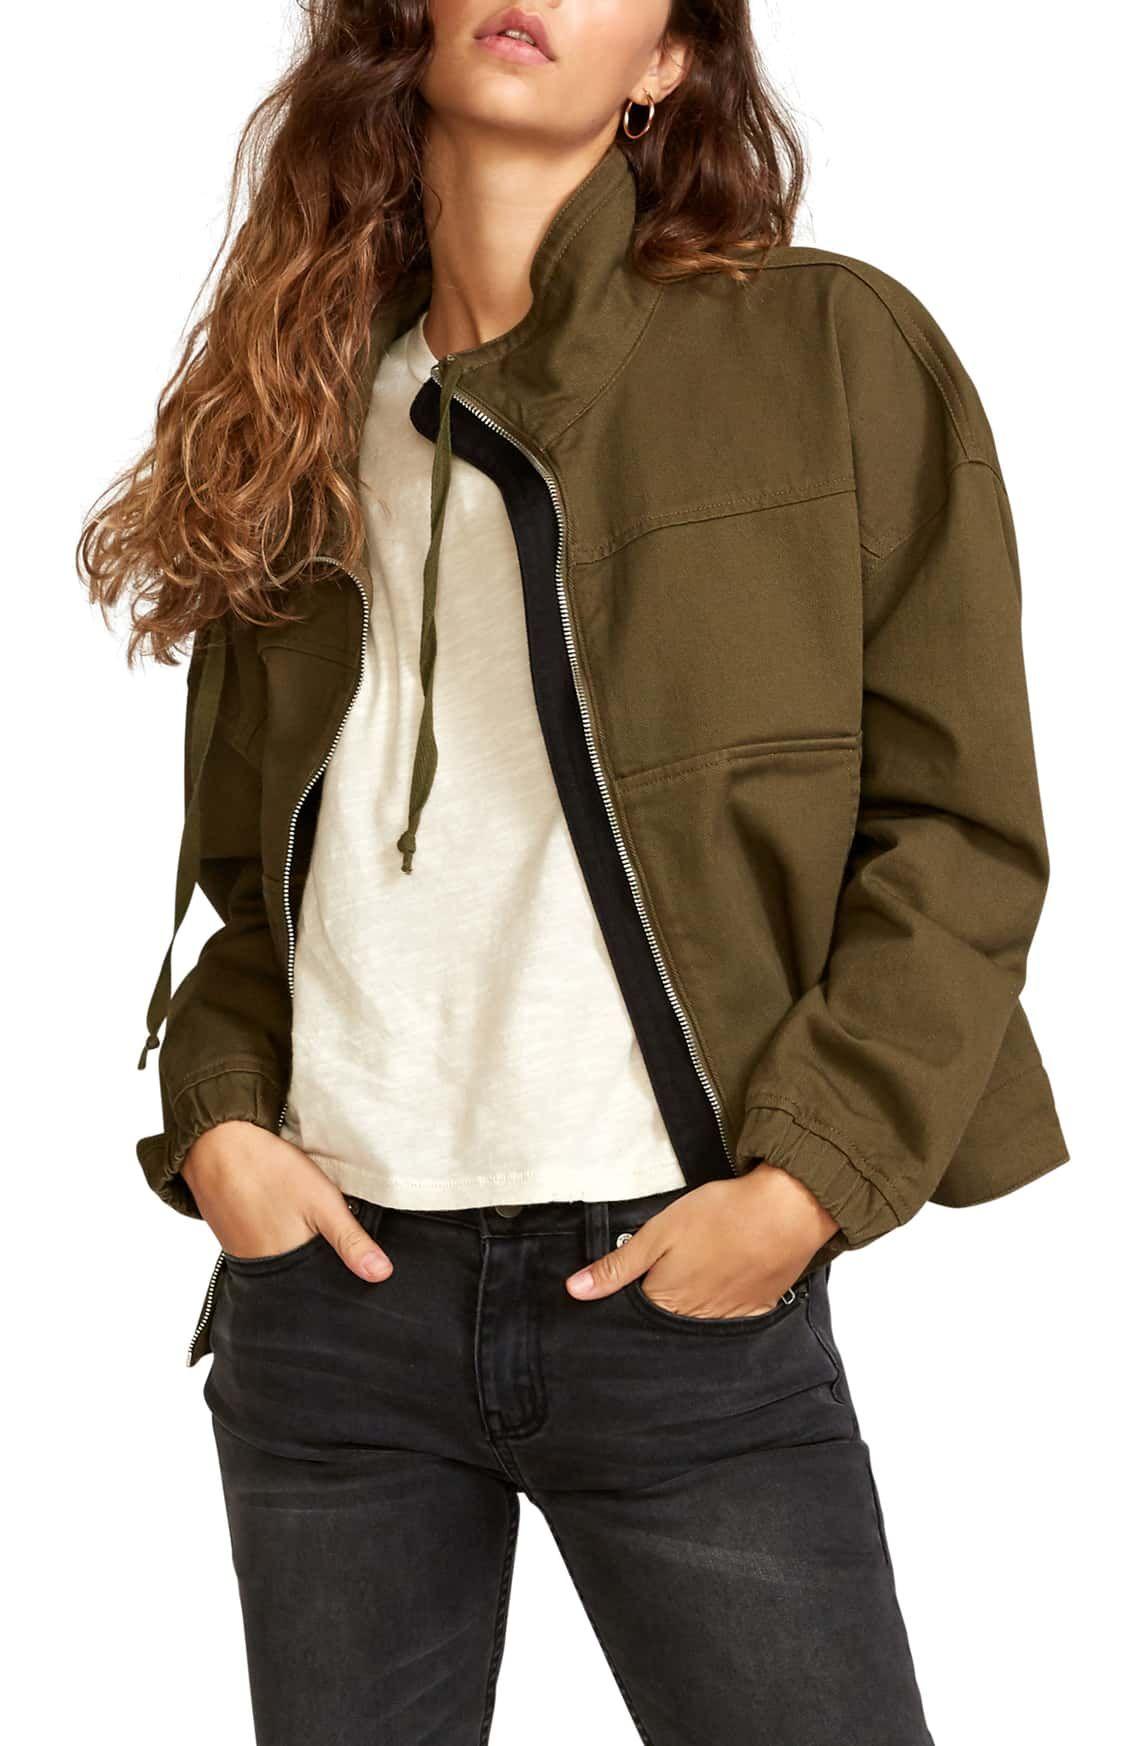 Rvca Skyway Cotton Crop Jacket Nordstrom Cotton Twill Jacket Crop Jacket Jackets [ 1746 x 1140 Pixel ]